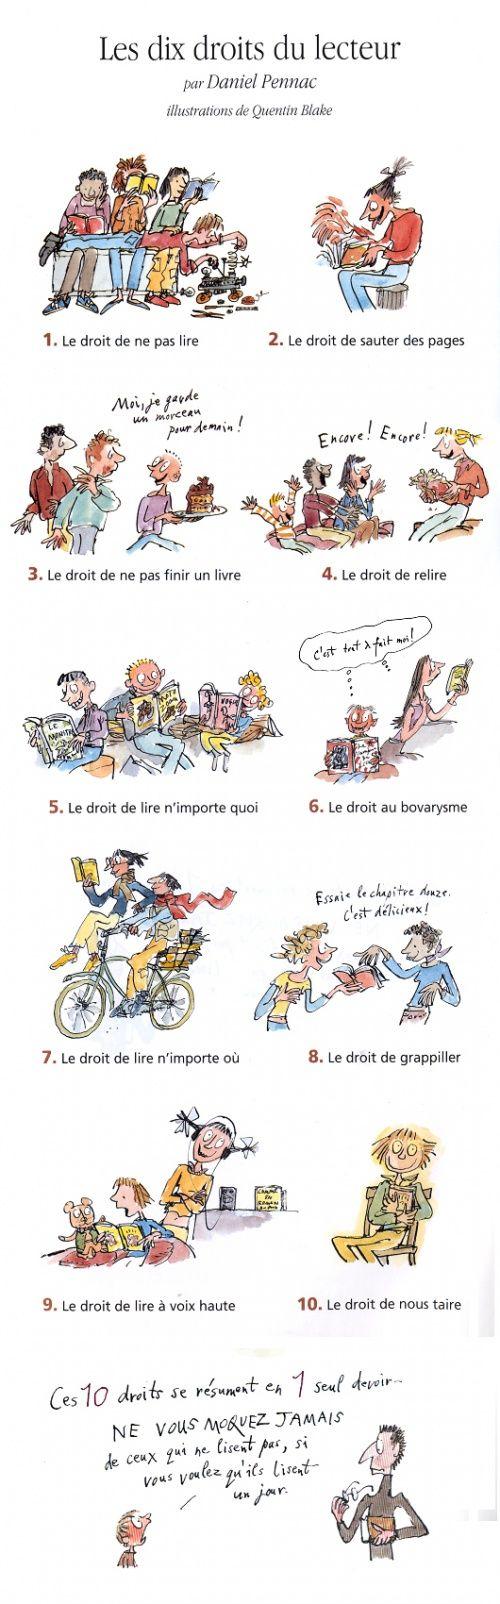 """""""Les10 droits du lecteur"""" page (dessinée par Quentin Blake) extraite du livre de Daniel Pennac """"Comme un roman"""" (essai paru en 1992). Elle devrait être affichée partout ^^"""